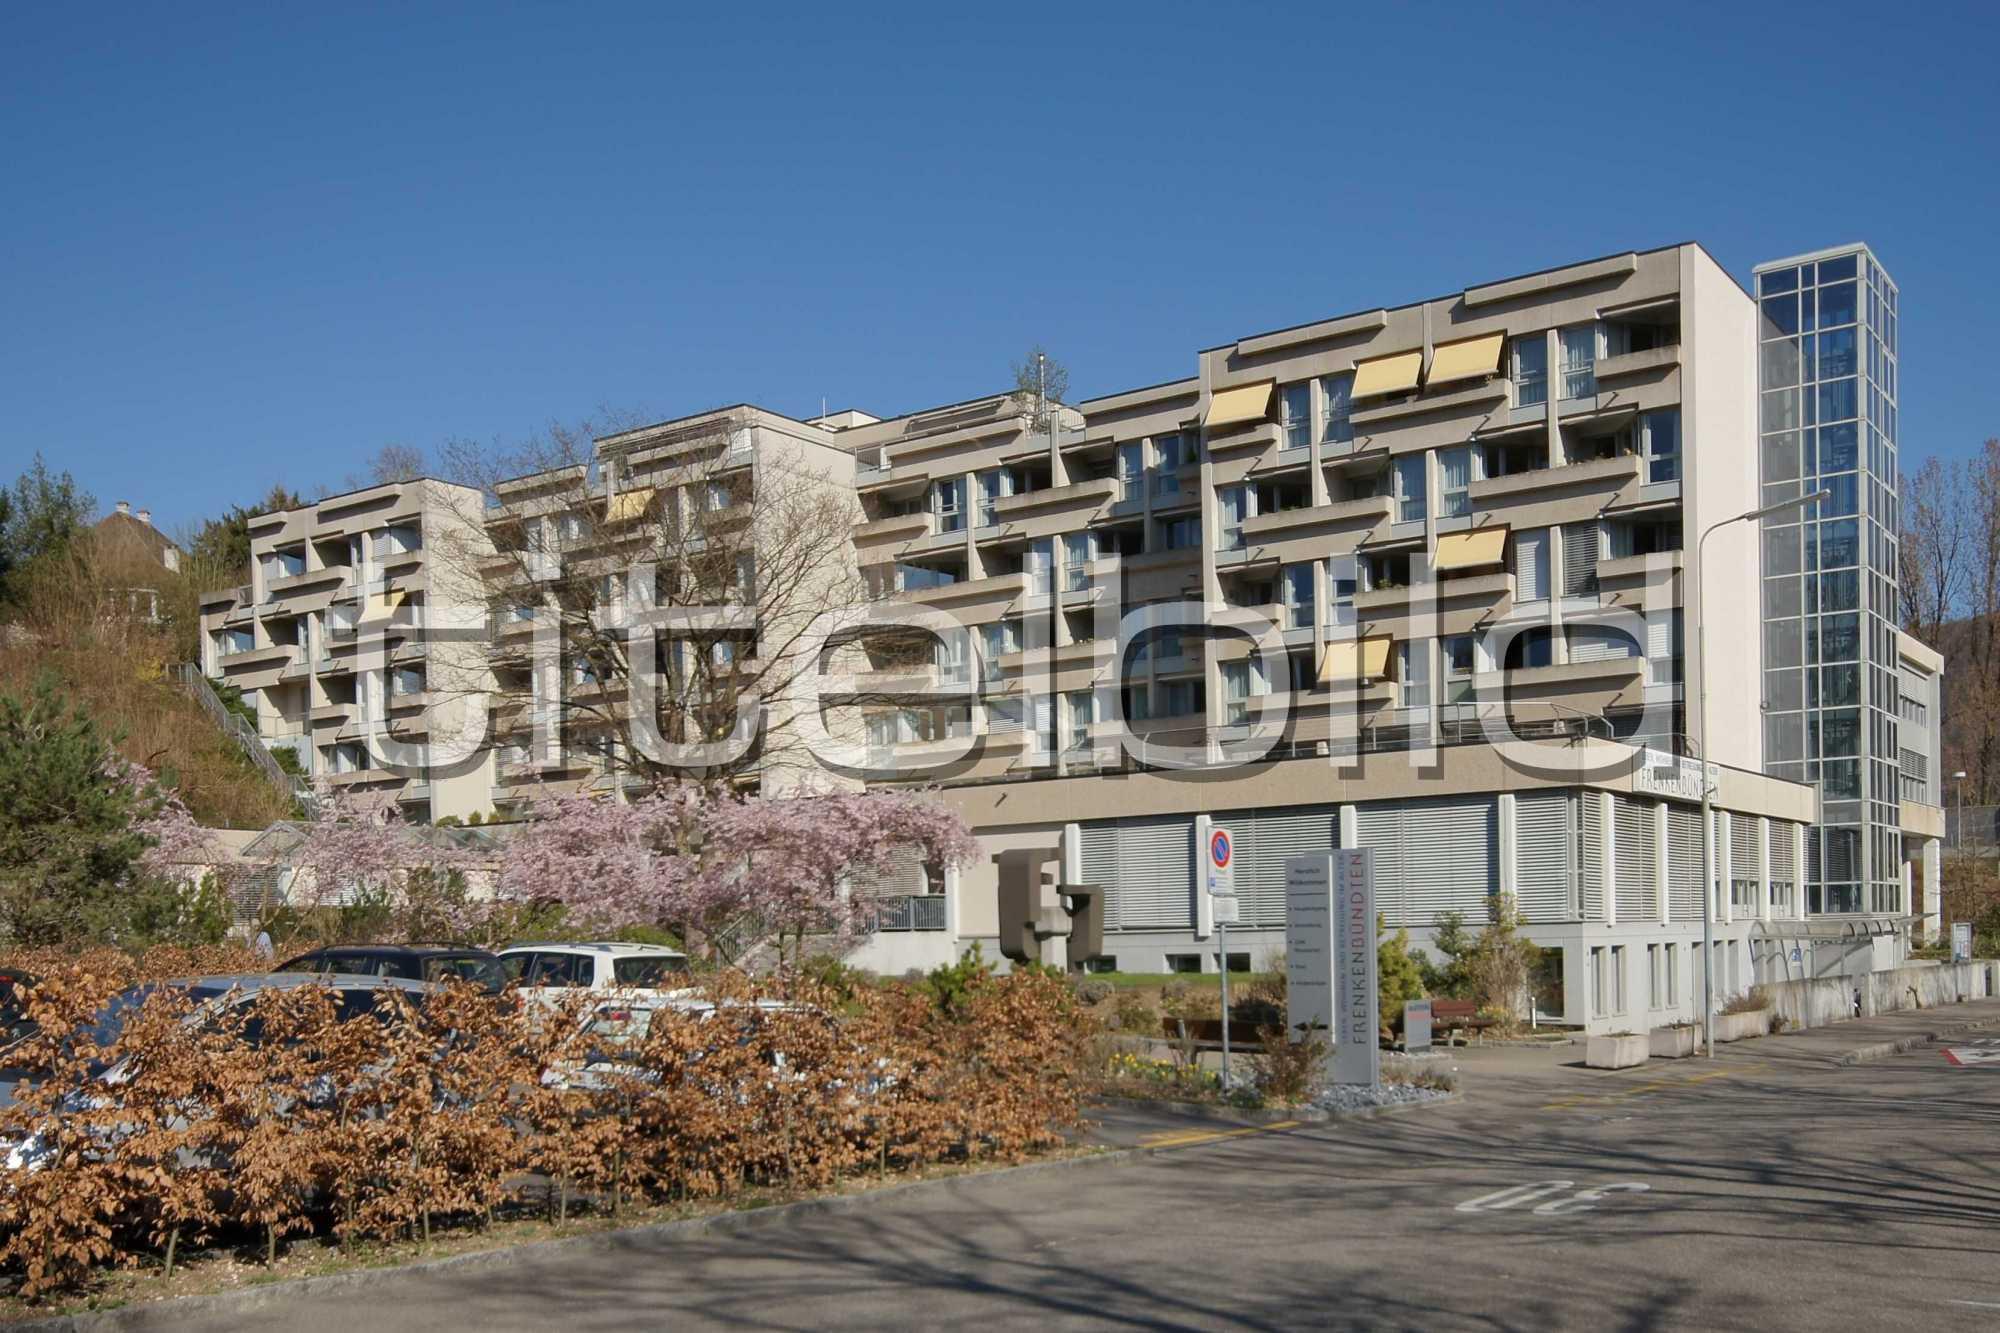 Projektbild-Nr. 2: Altersheim Frenkenbündten